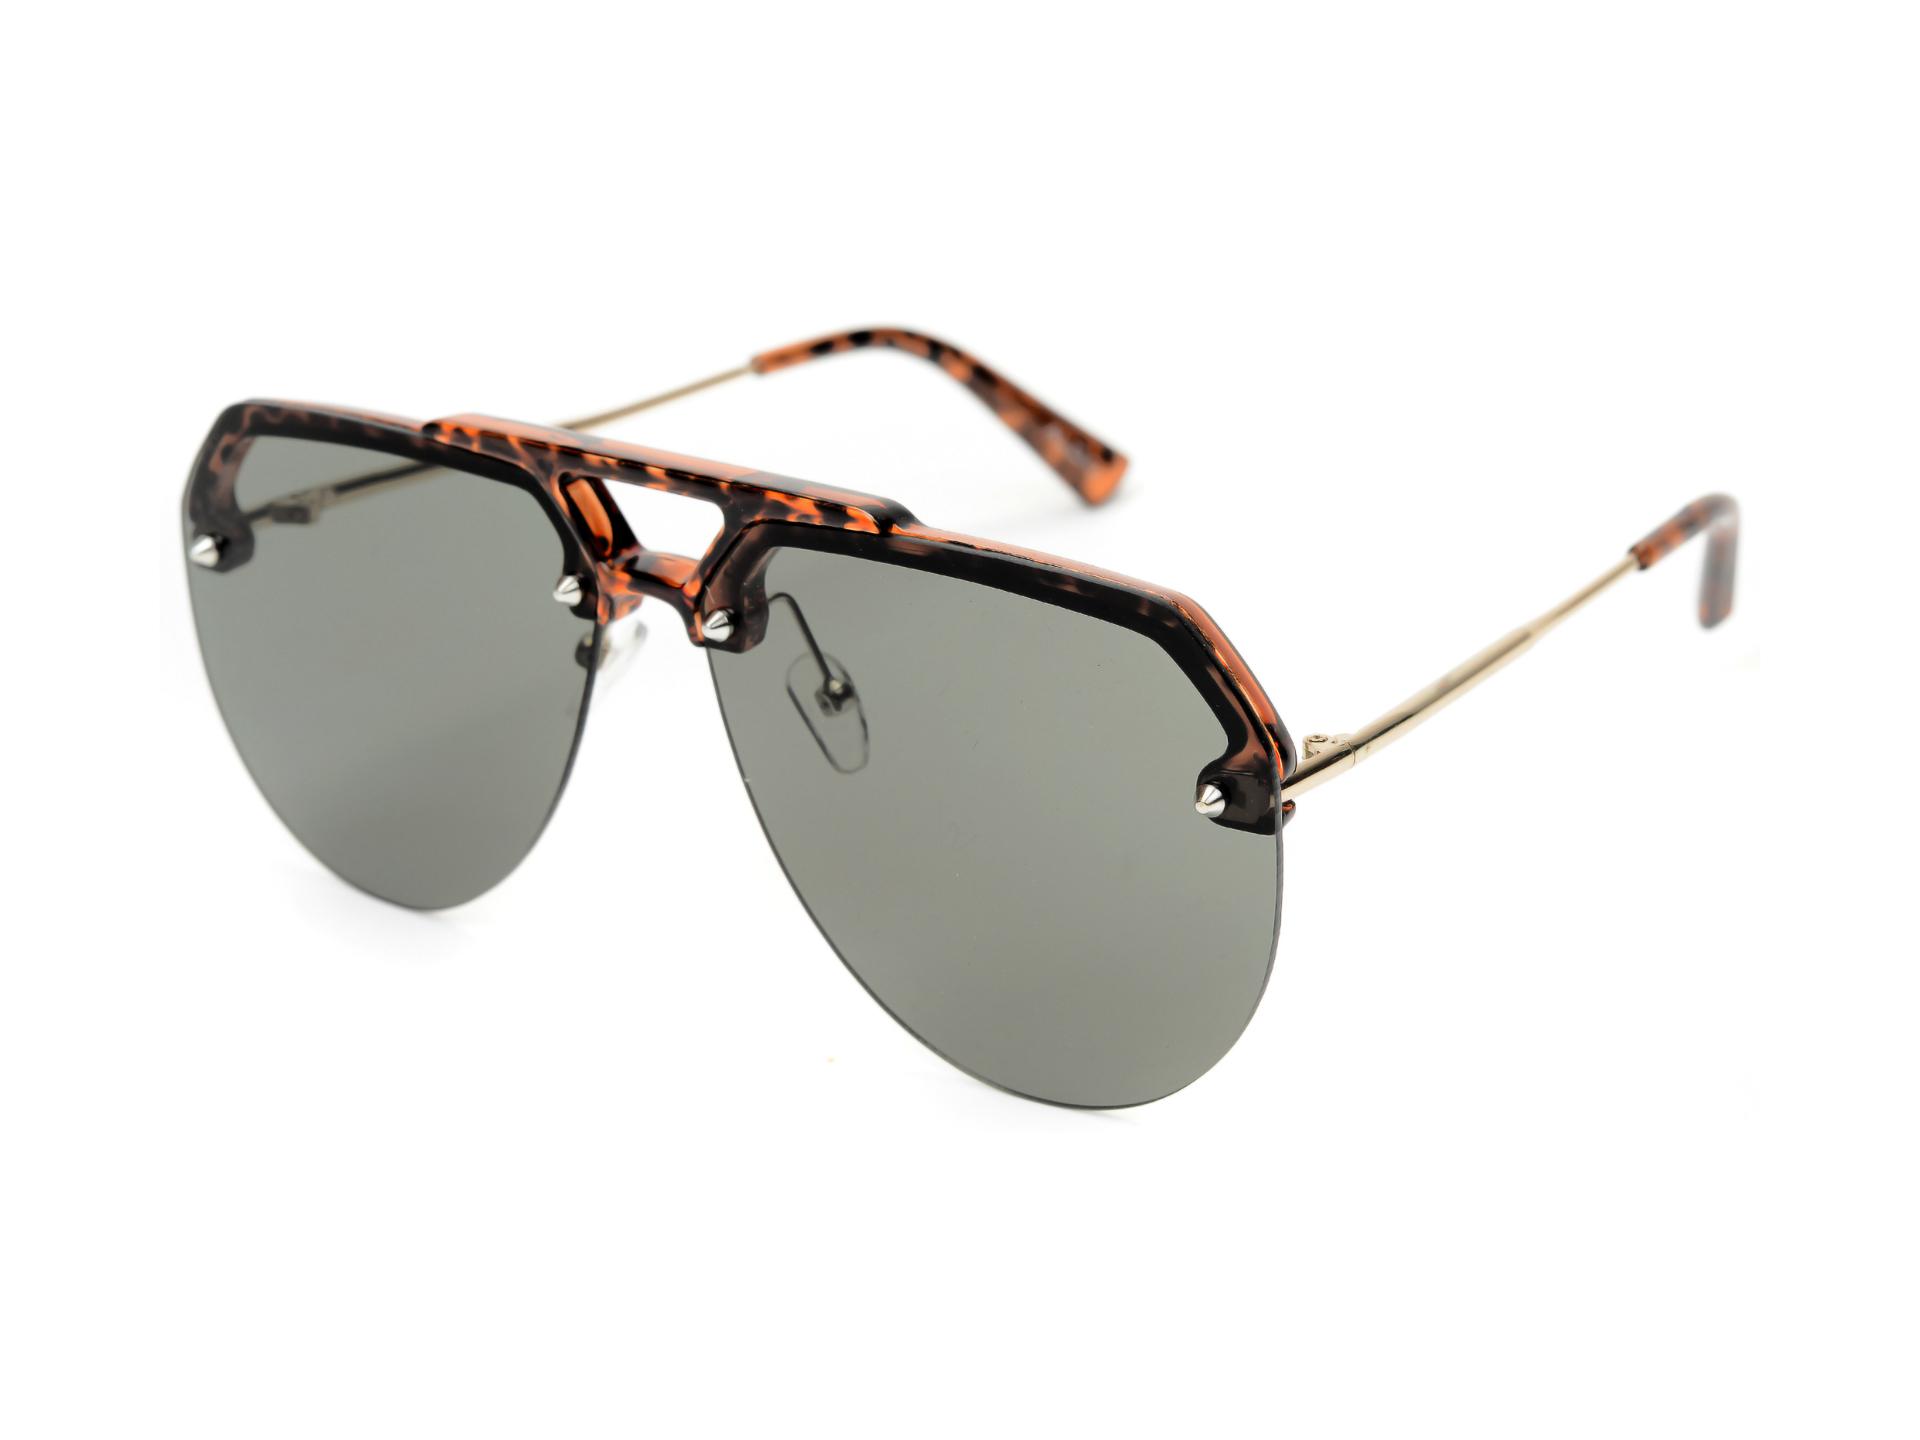 Ochelari de soare ALDO maro, Ulex240, din PVC imagine